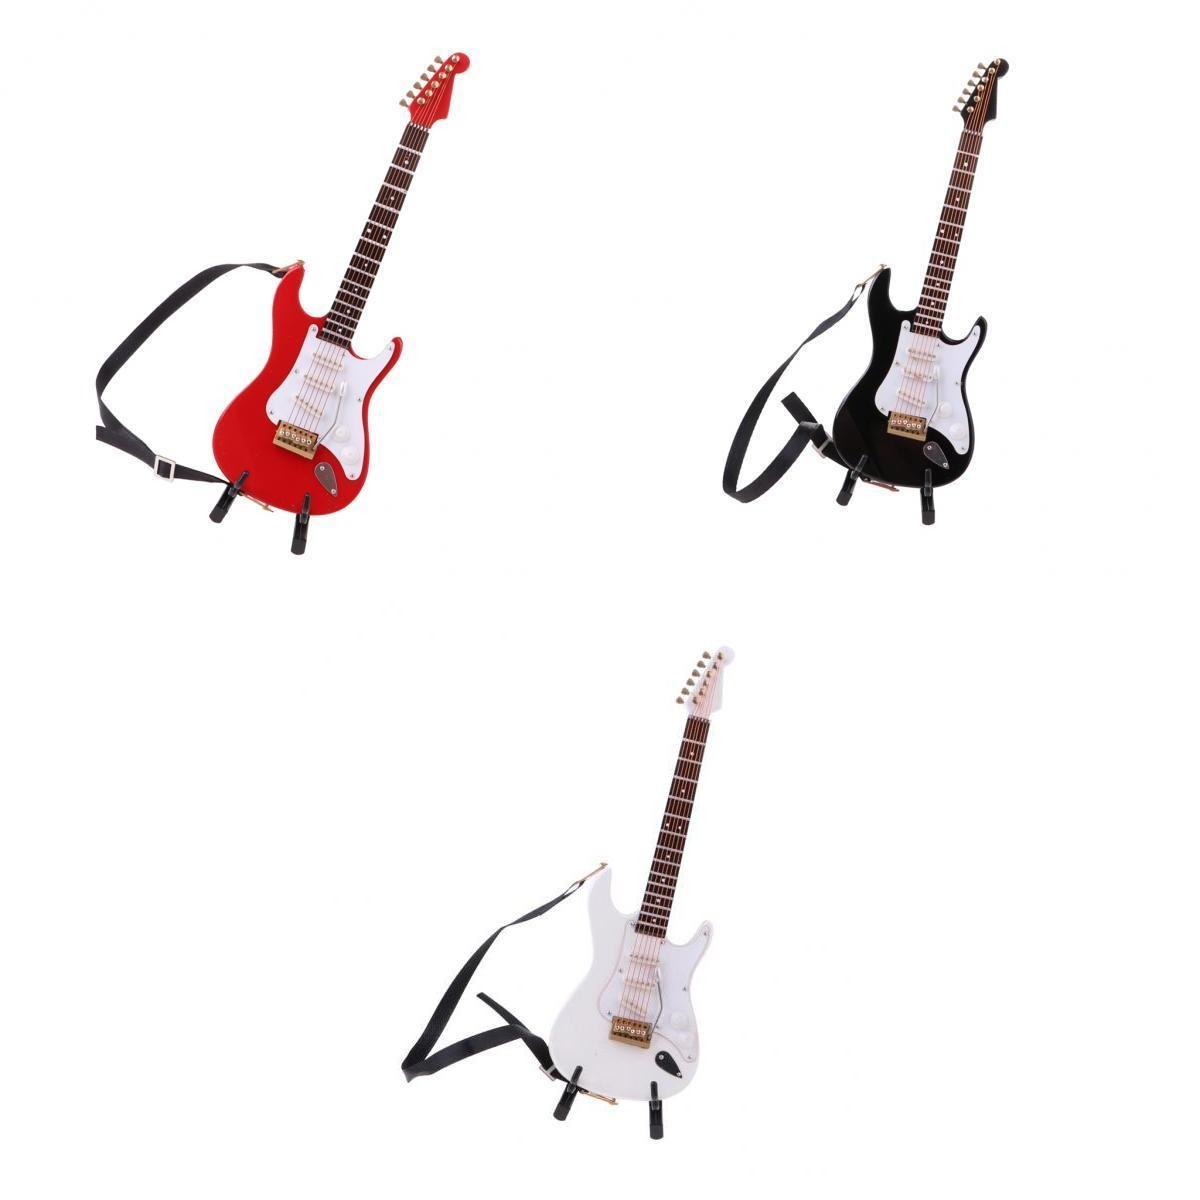 MagiDeal 6th Scale Electric guitarsアクションフィギュア人形家インテリアアクセサリー3pcs Electric 6th Scale B07F1GQ271, プロスオンライン:015eb8d0 --- m2cweb.com